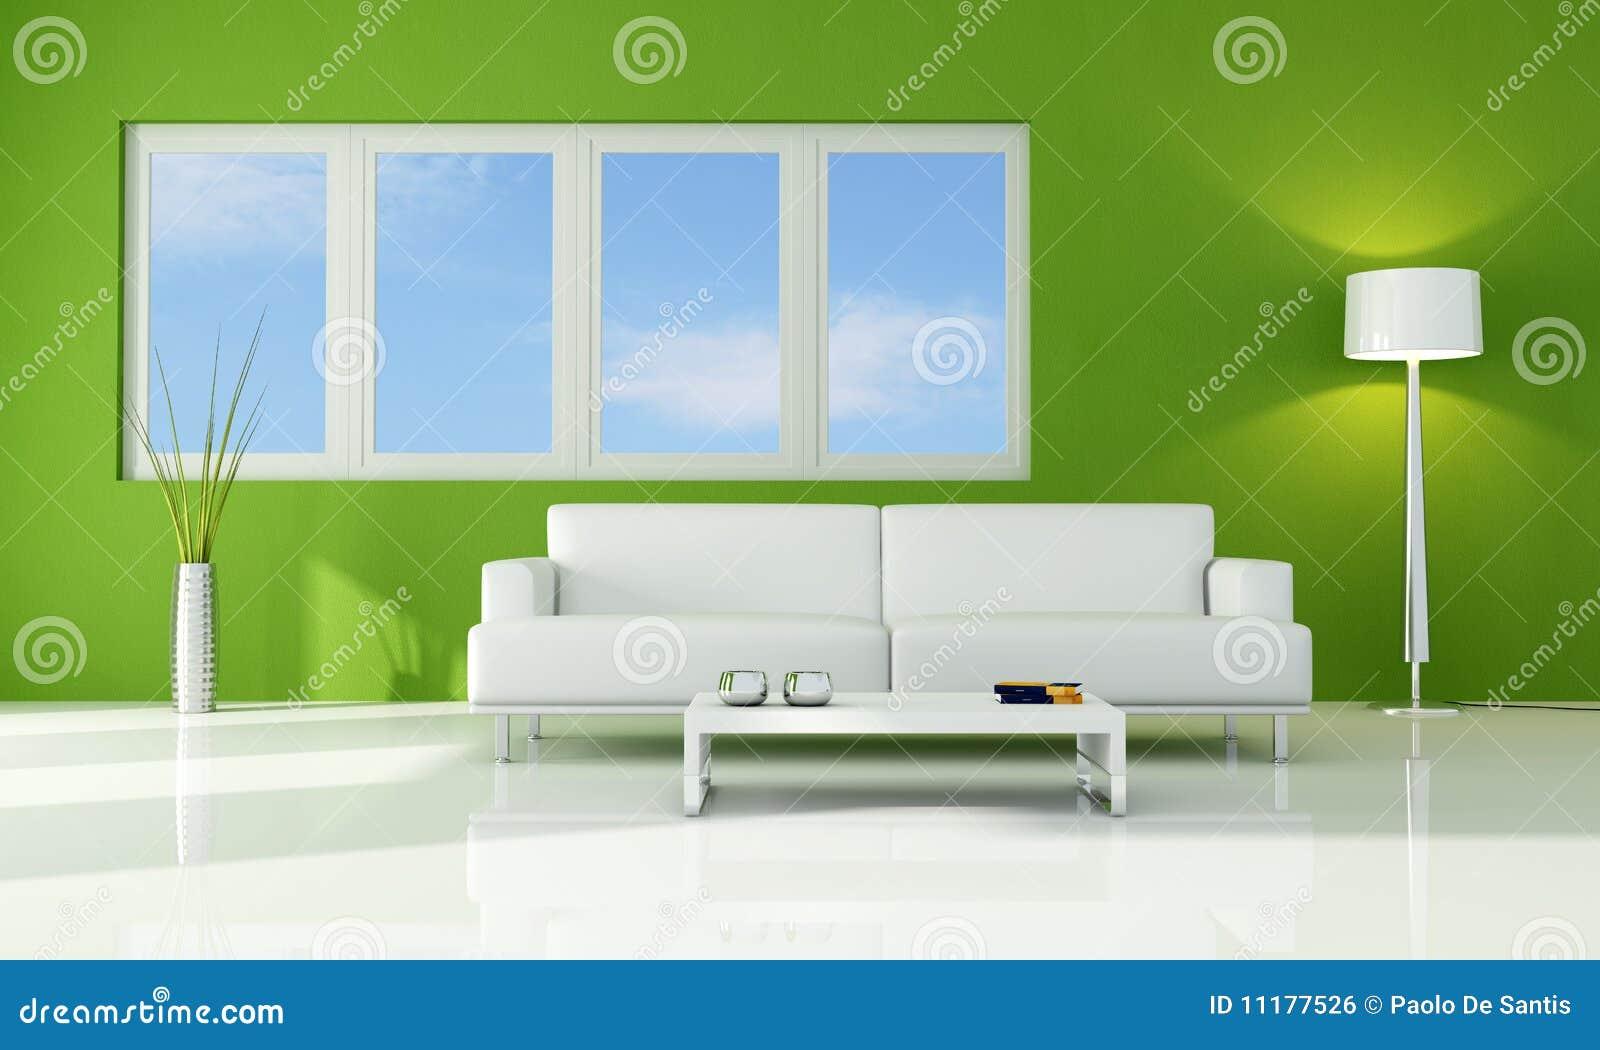 Sala De Estar Com Verde ~ Sala De Estar Verde Imagem de Stock Royalty Free  Imagem 11177526